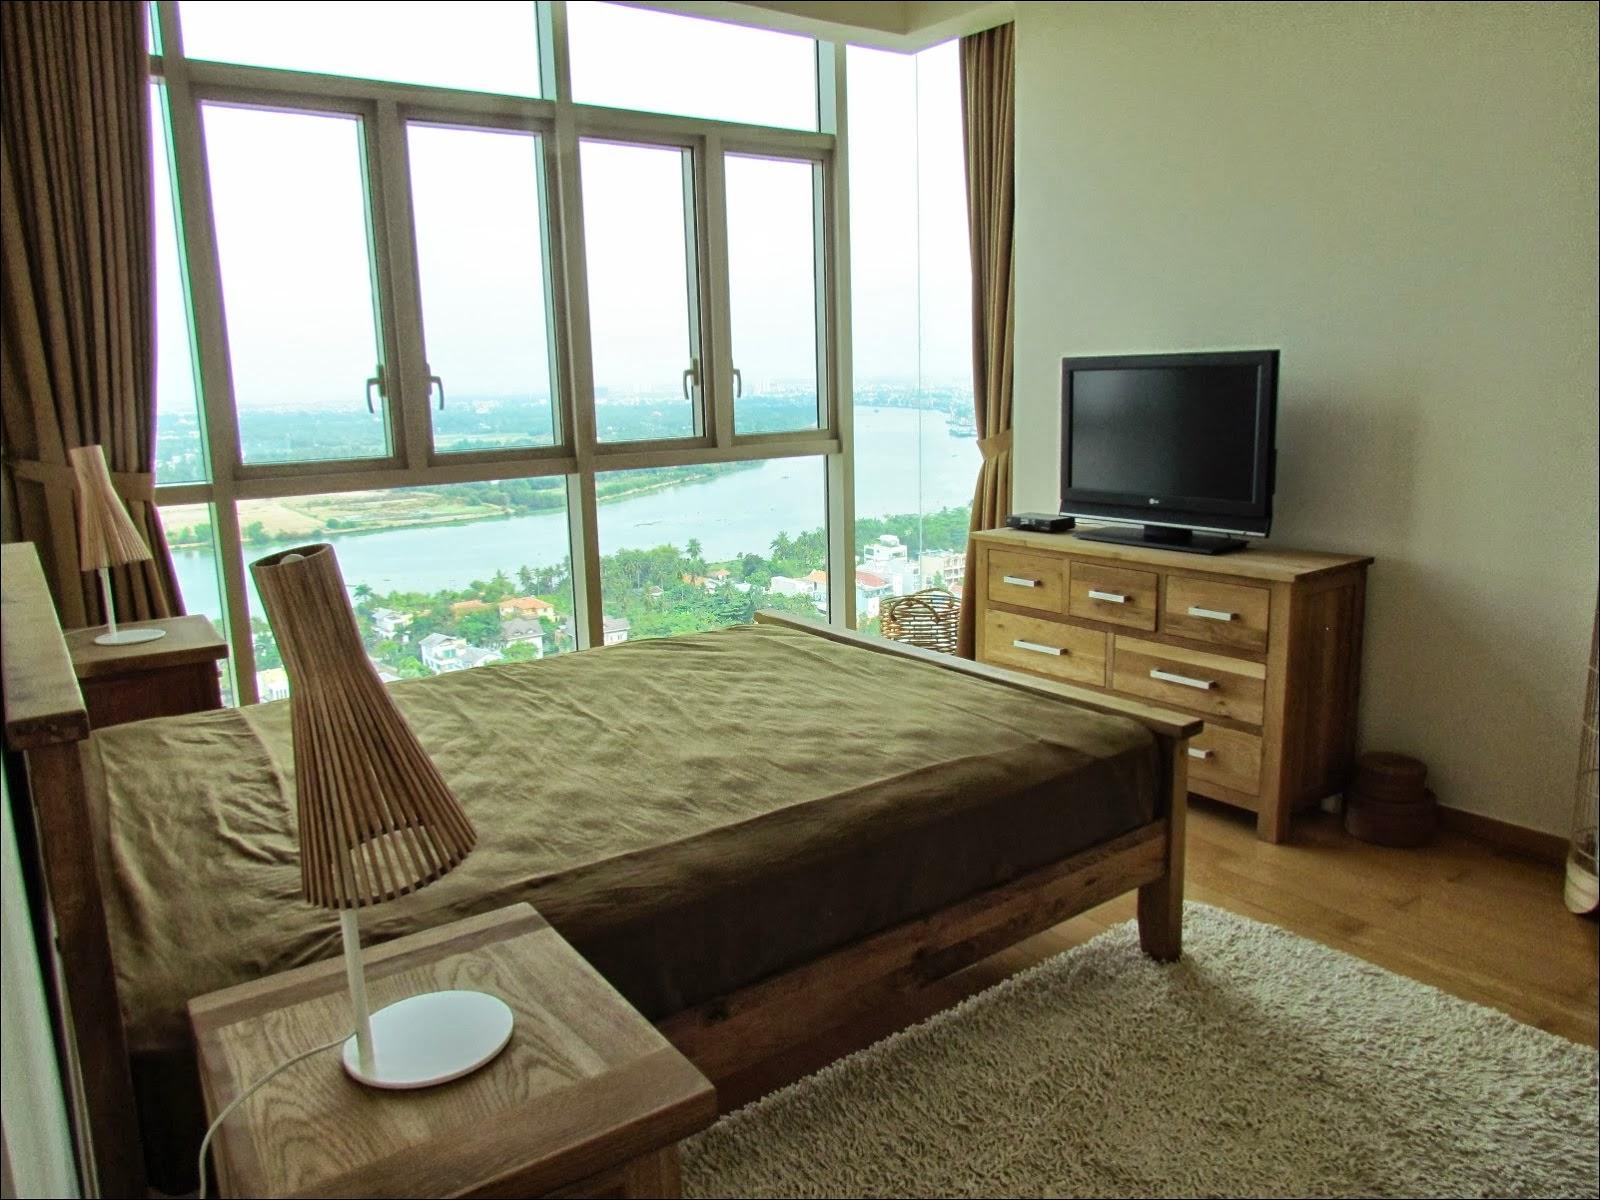 Phòng ngủ chính căn hộ The Vista 3 phòng ngủ view sông